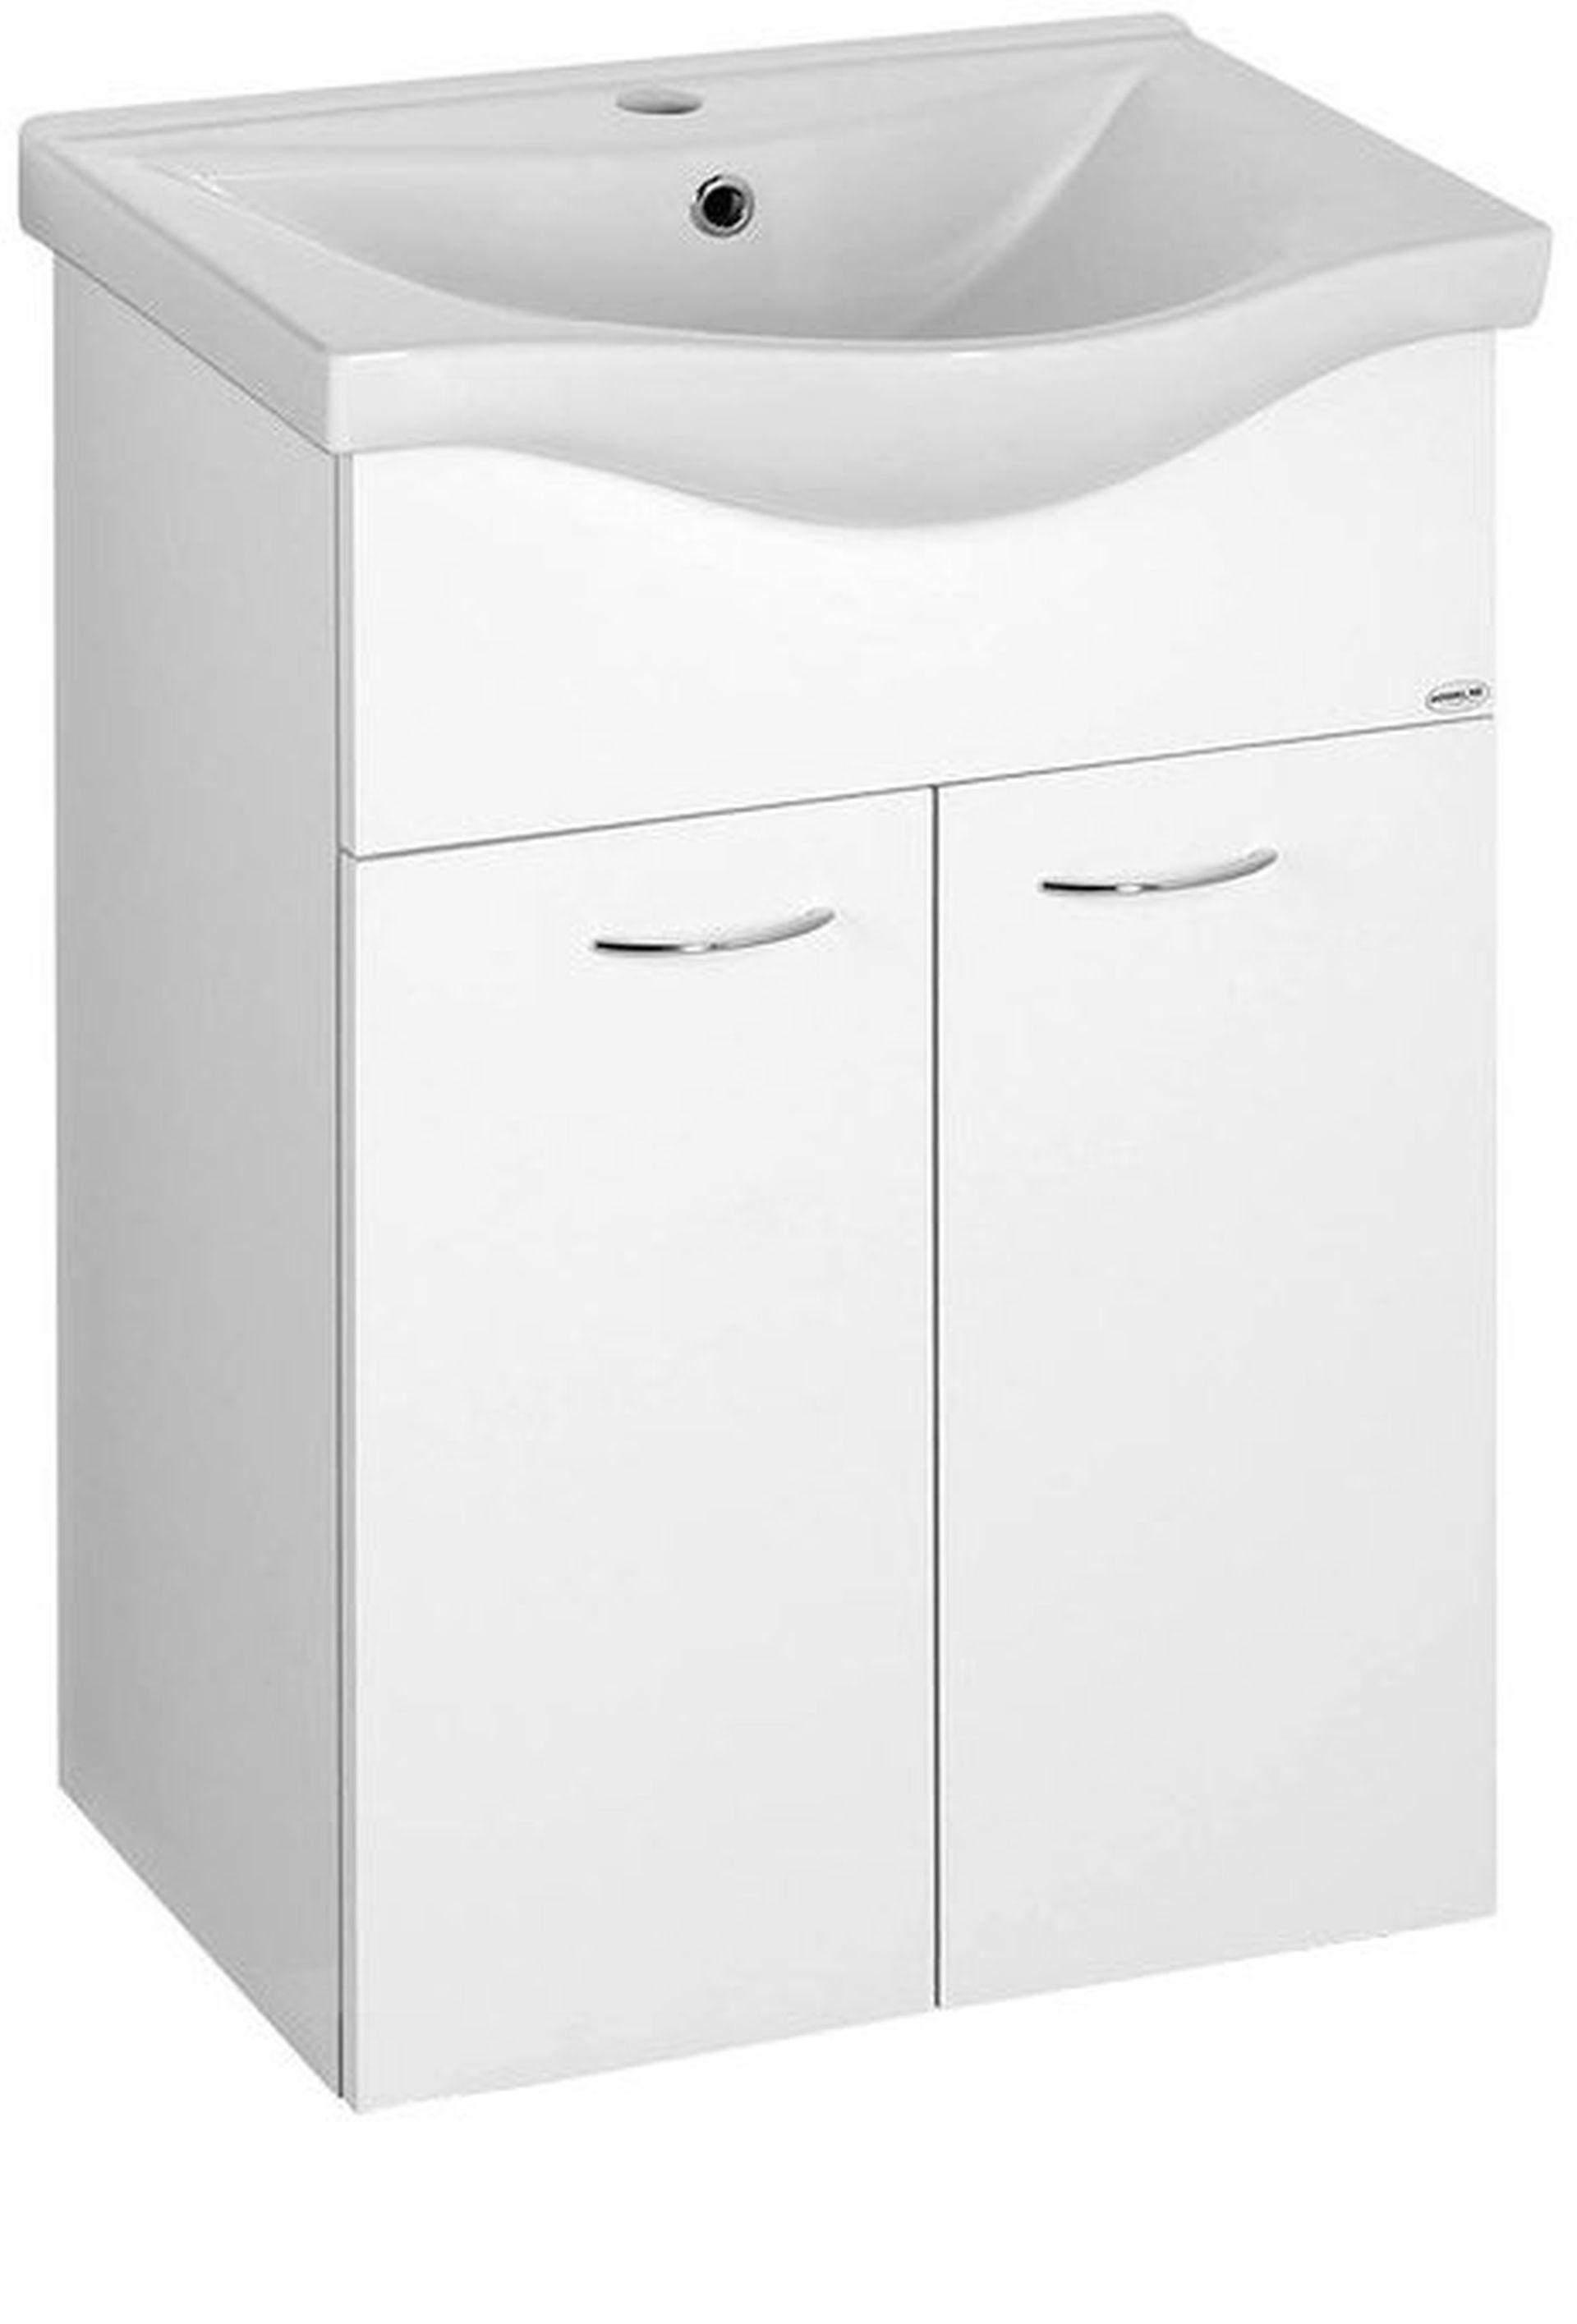 KERAMIA FRESH umyvadlová skříňka 51,1x74x34cm, bílá 50057